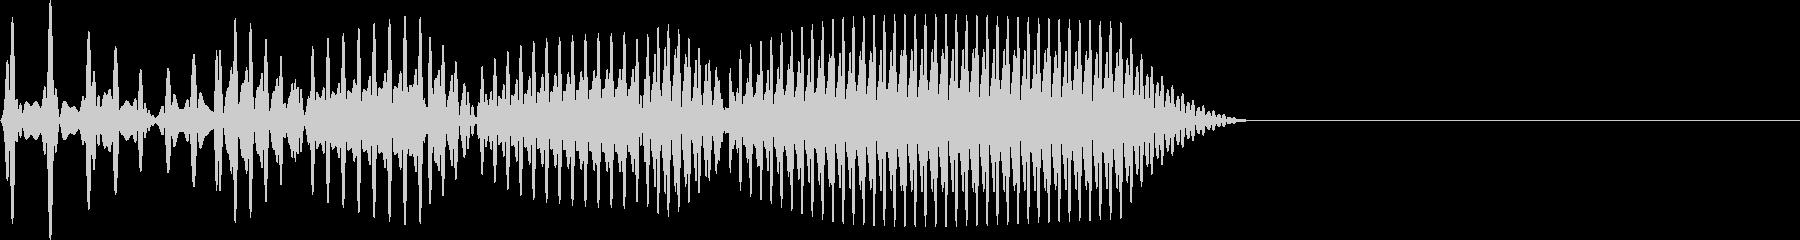 失敗 かわいい系 戻り UIの未再生の波形